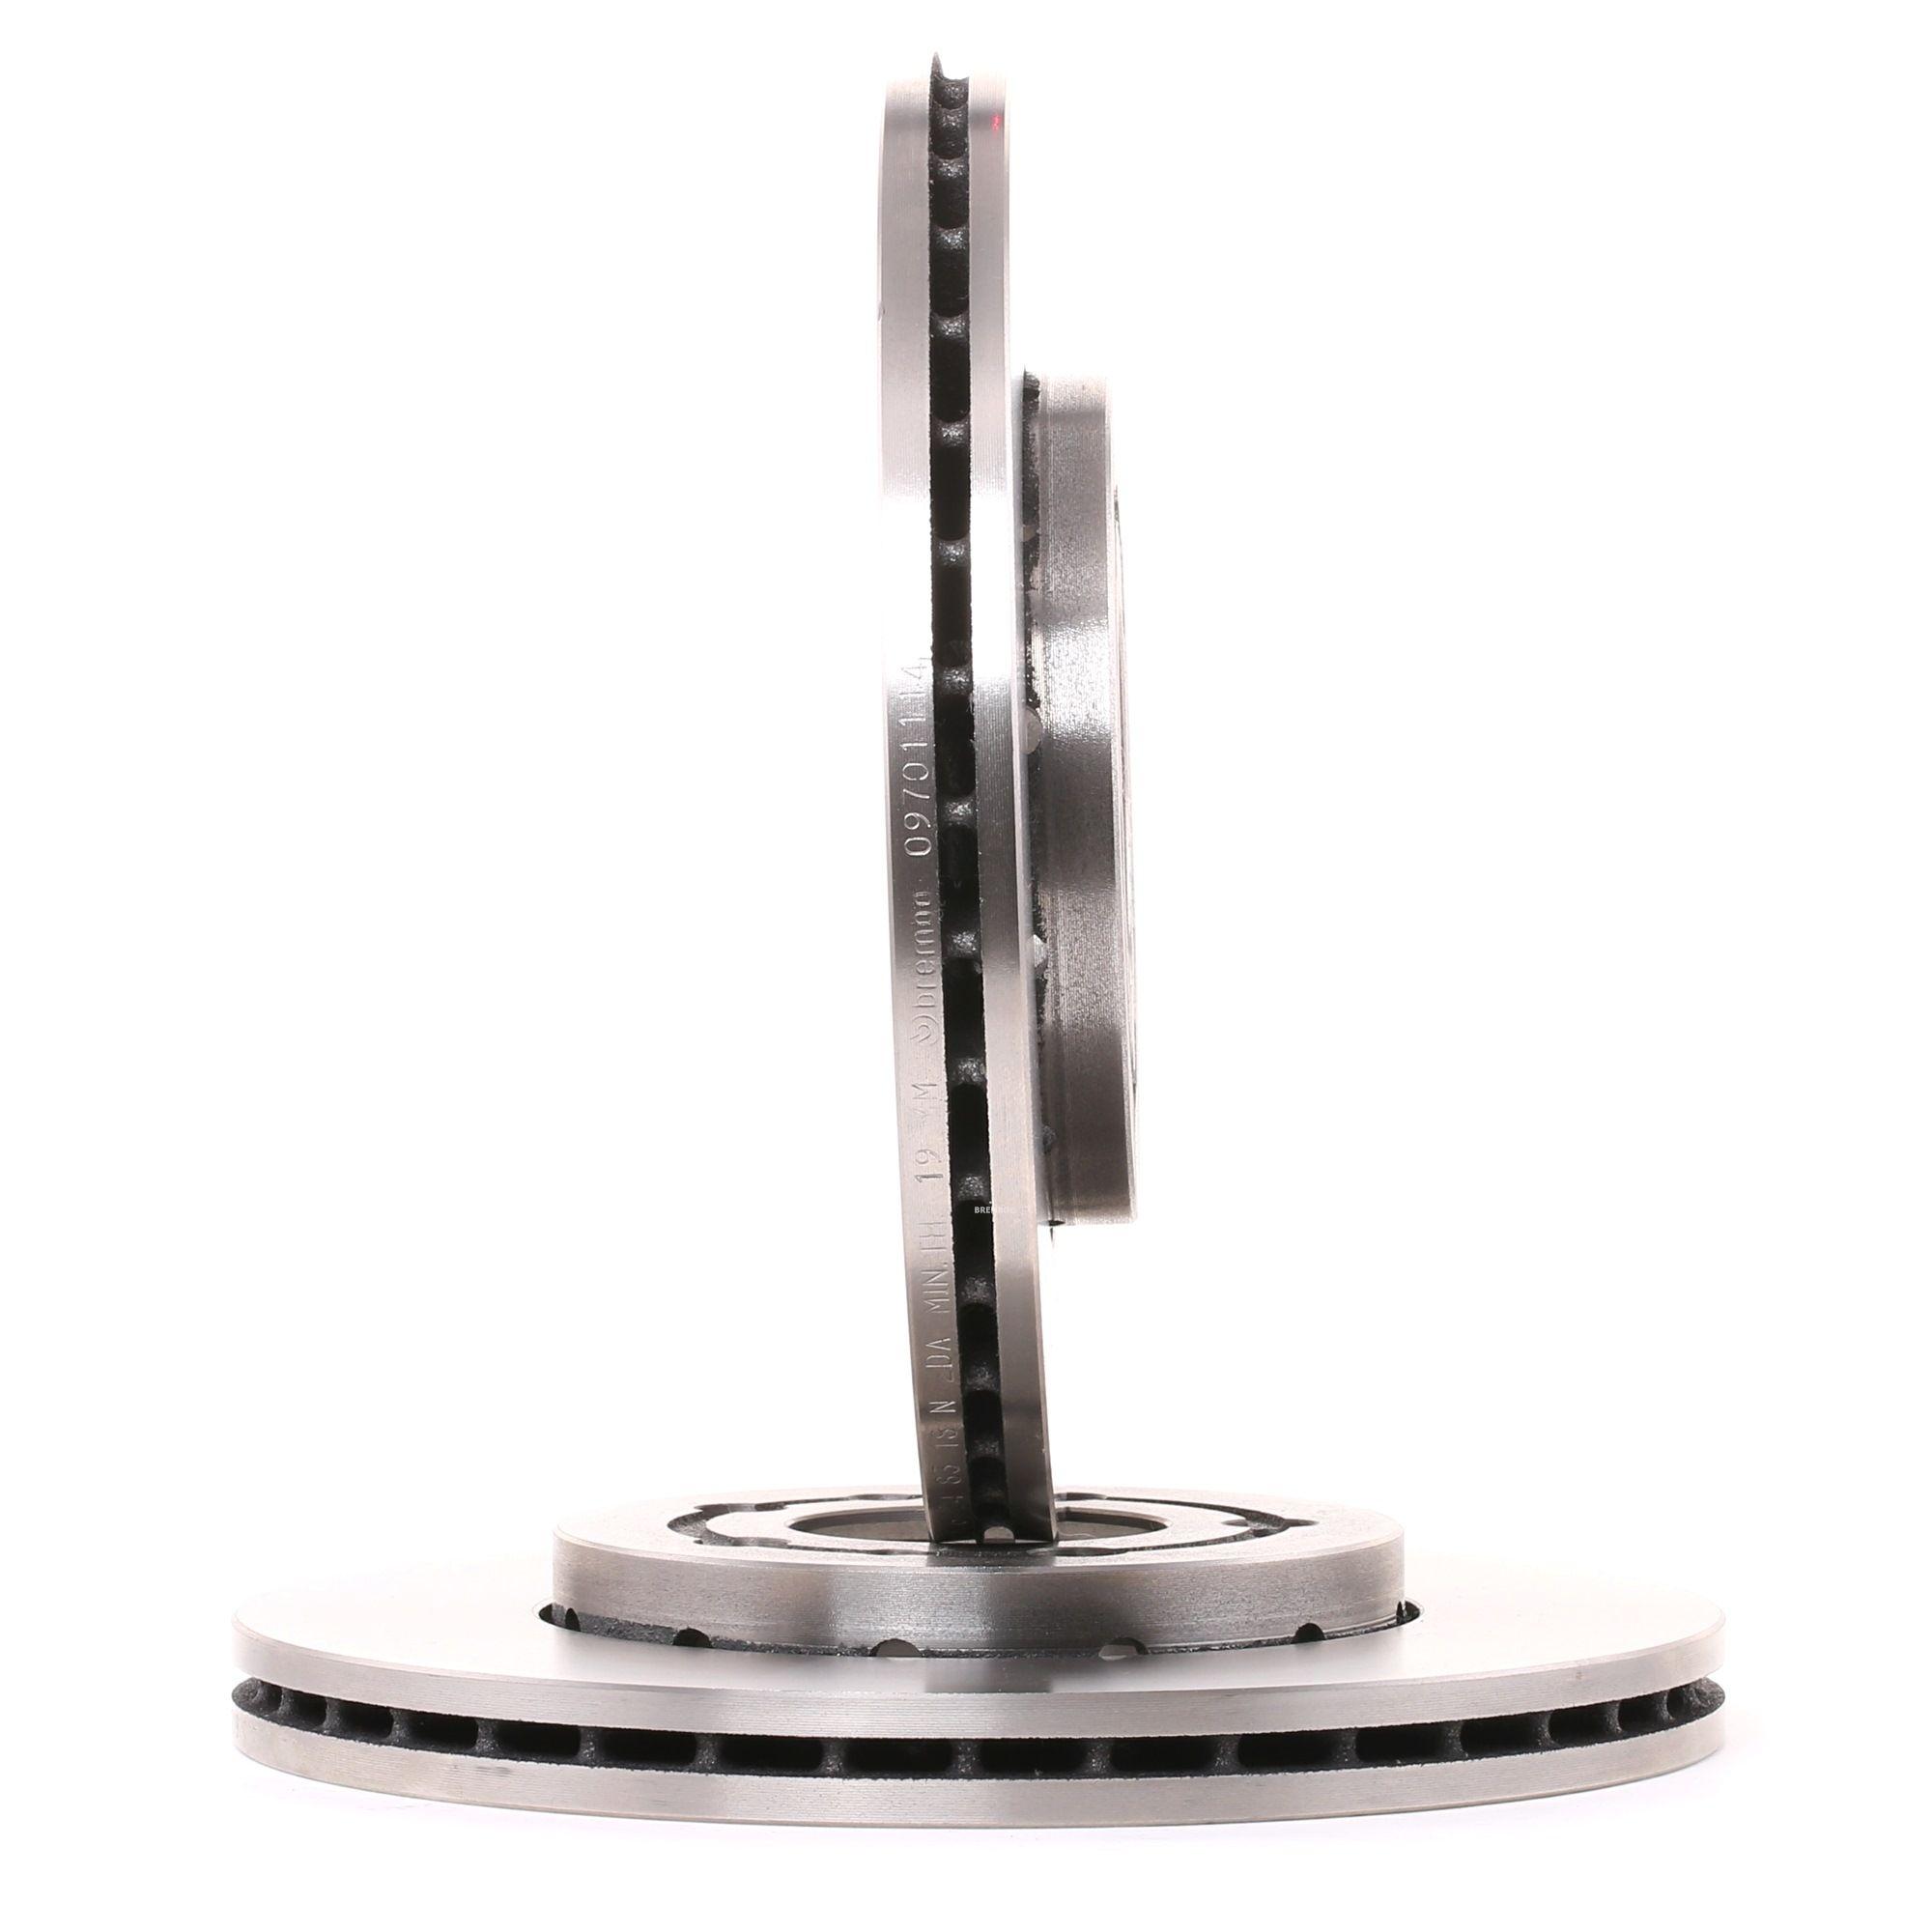 Achetez Disque BREMBO 09.7011.14 (Ø: 256mm, Nbre de trous: 5, Épaisseur du disque de frein: 22mm) à un rapport qualité-prix exceptionnel